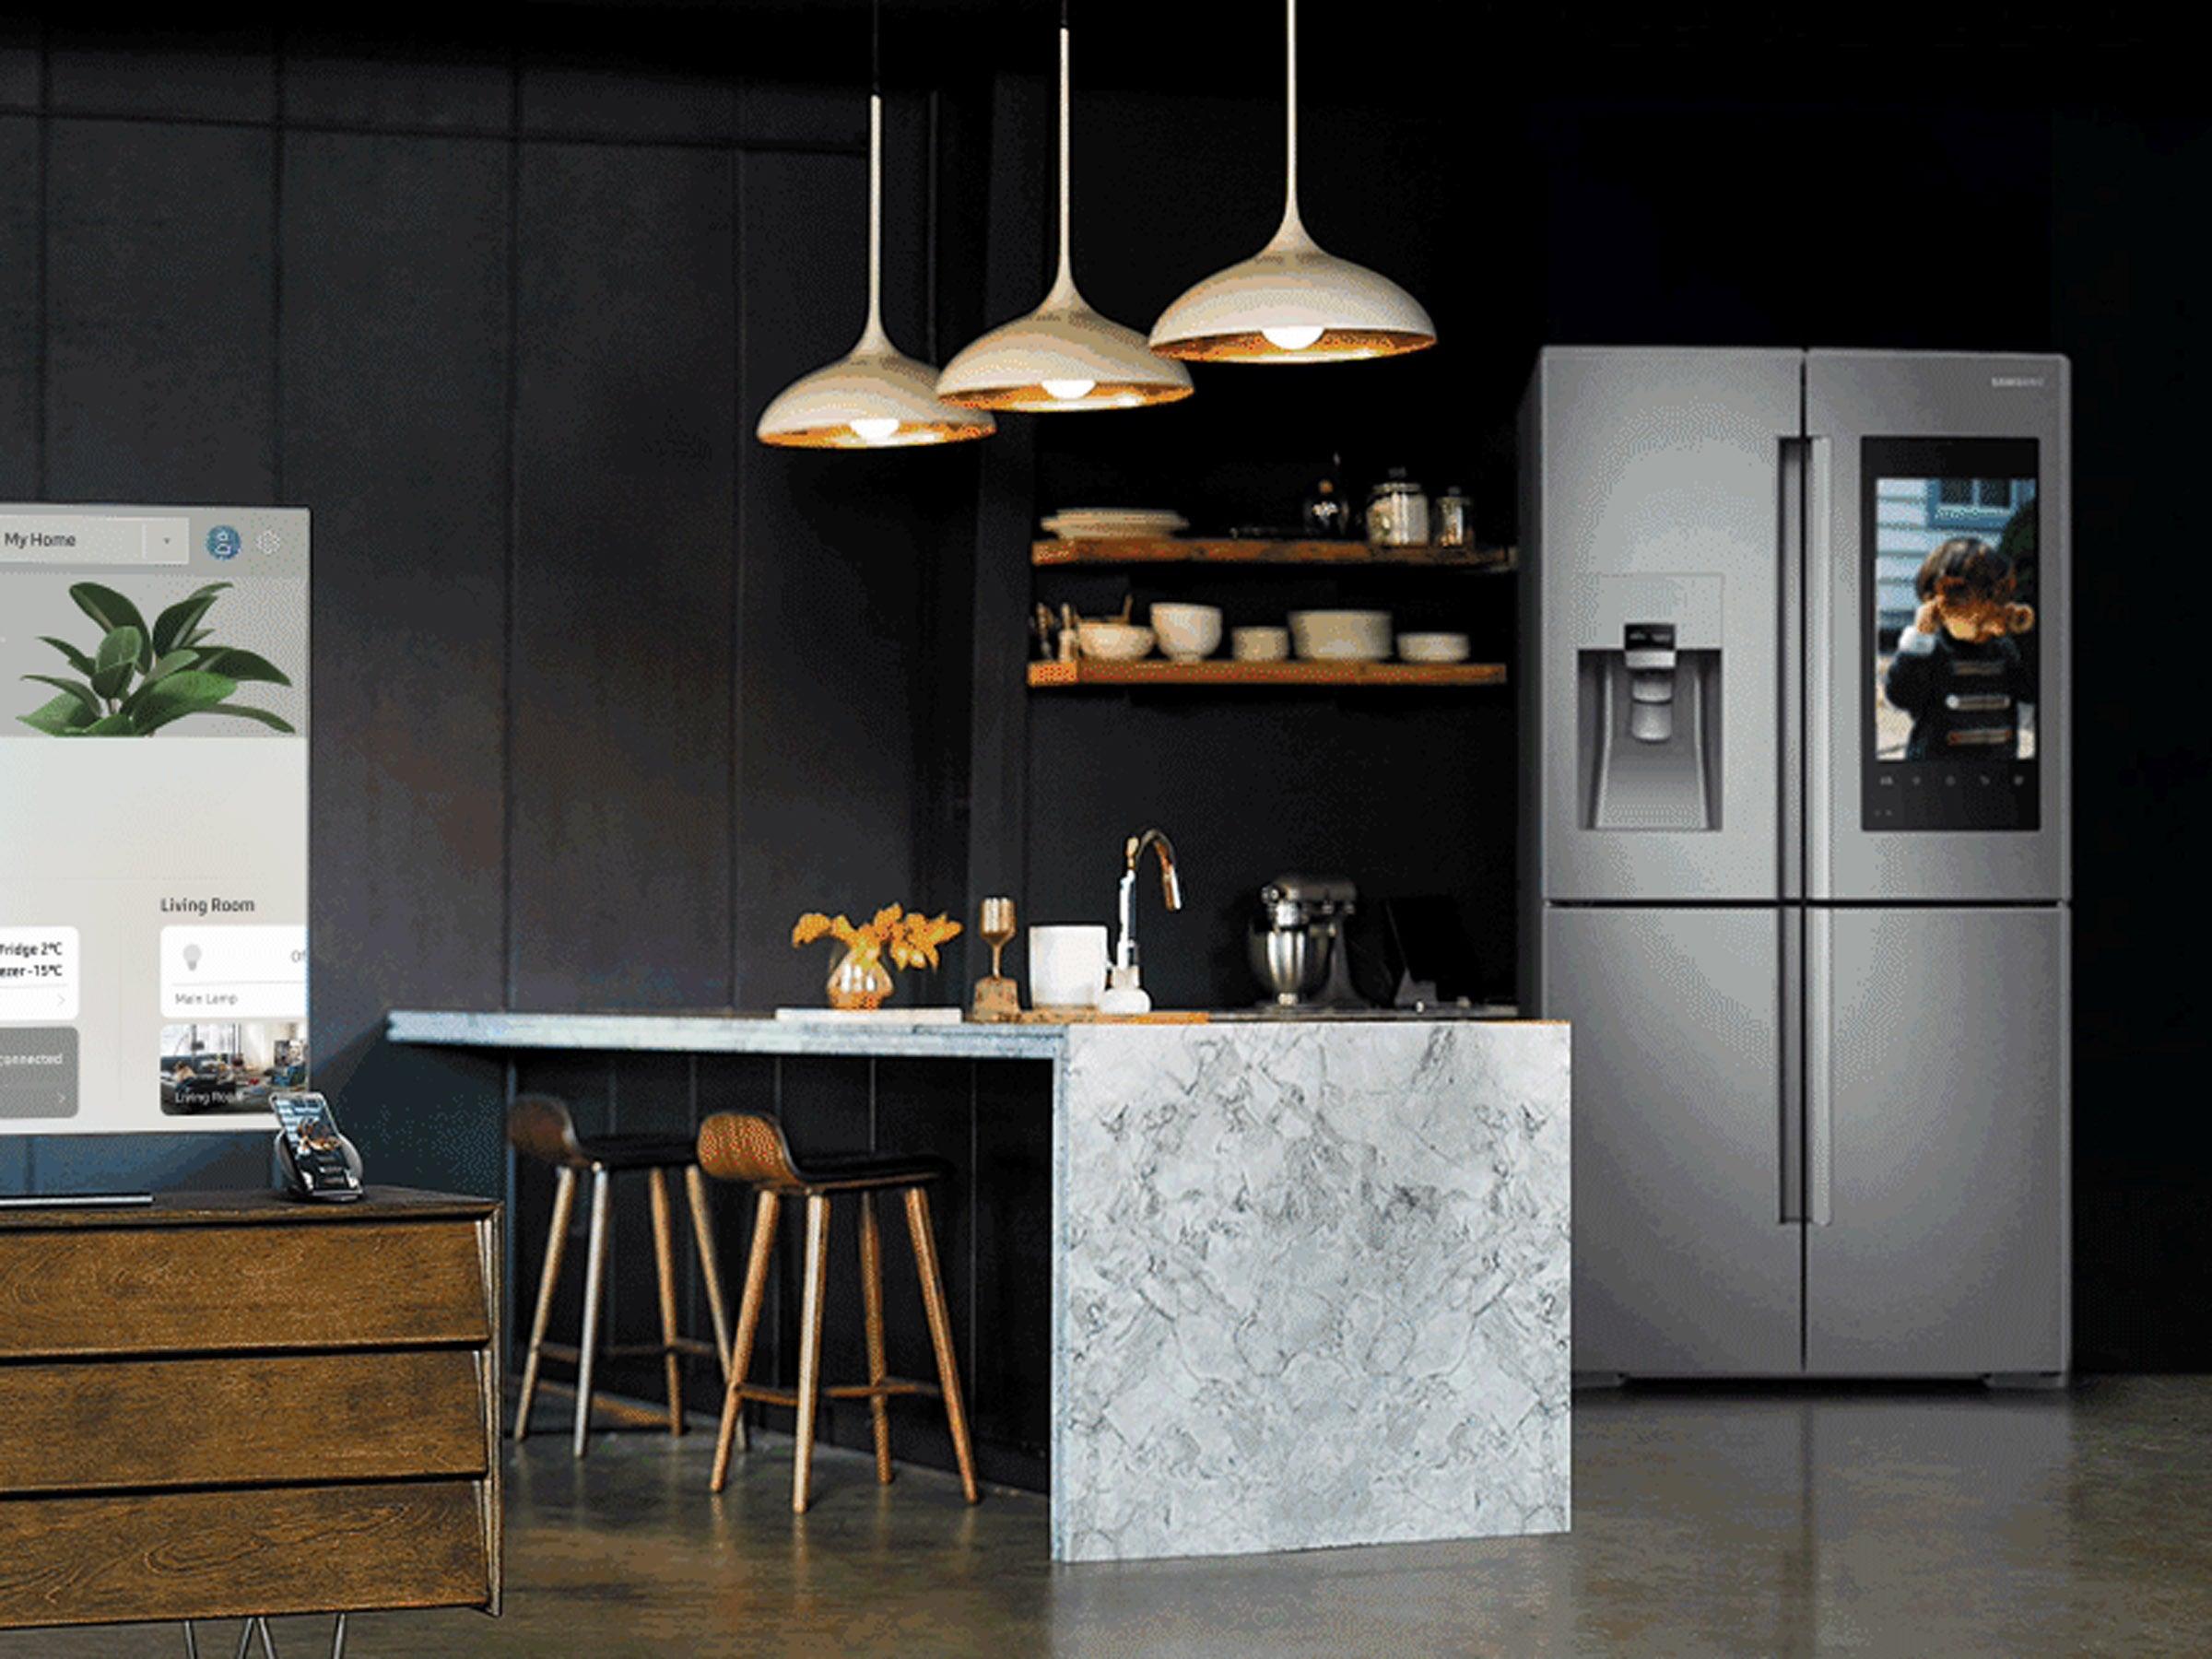 Samsung Smart Home mit Kühlschrank, Smartphone und Fernseher